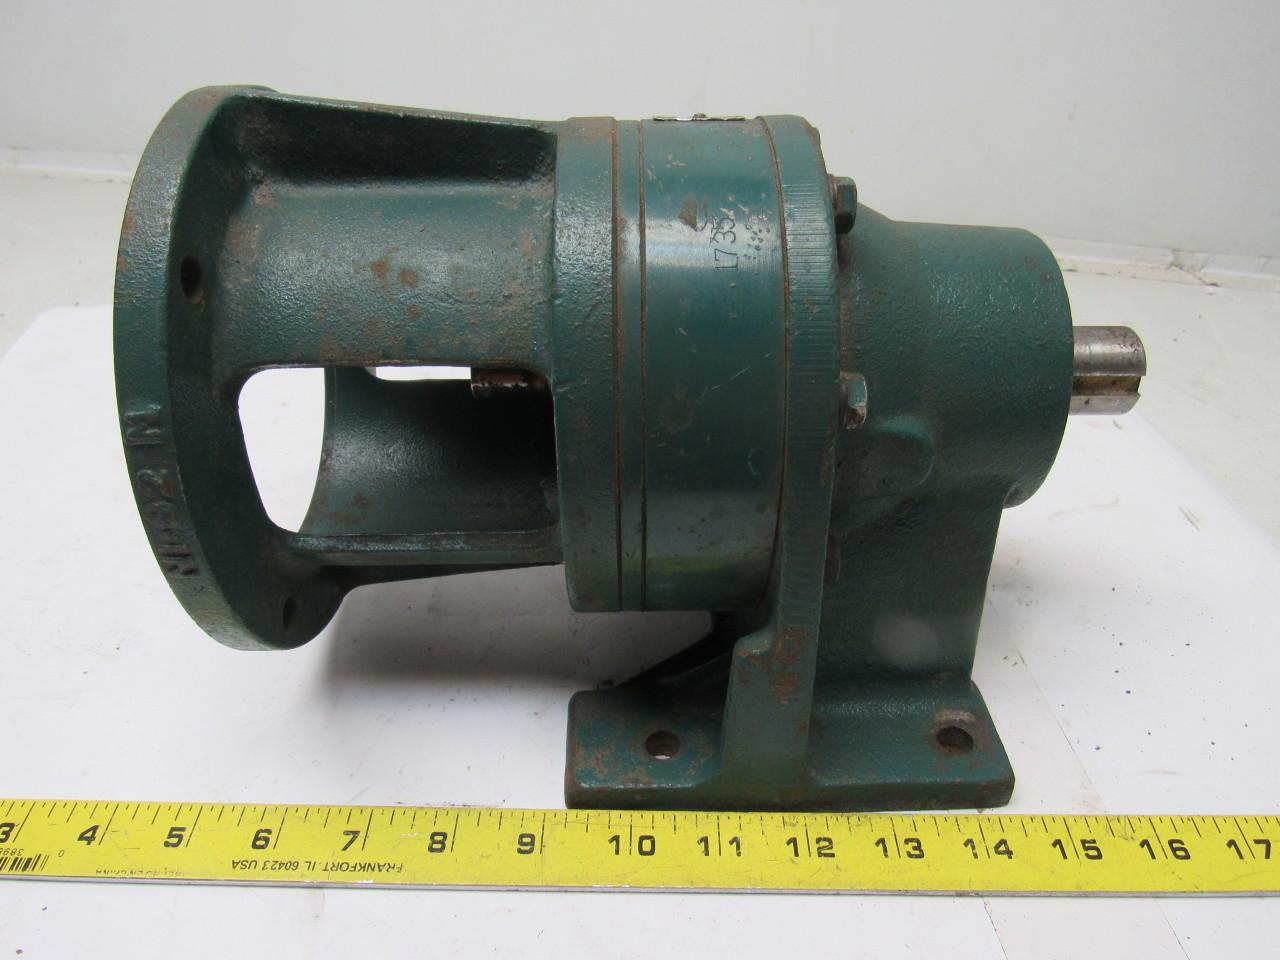 Sumitomo SM-Cyclo HC3105 Inline Gear Reducer 17:1 Ratio 2.65 Hp